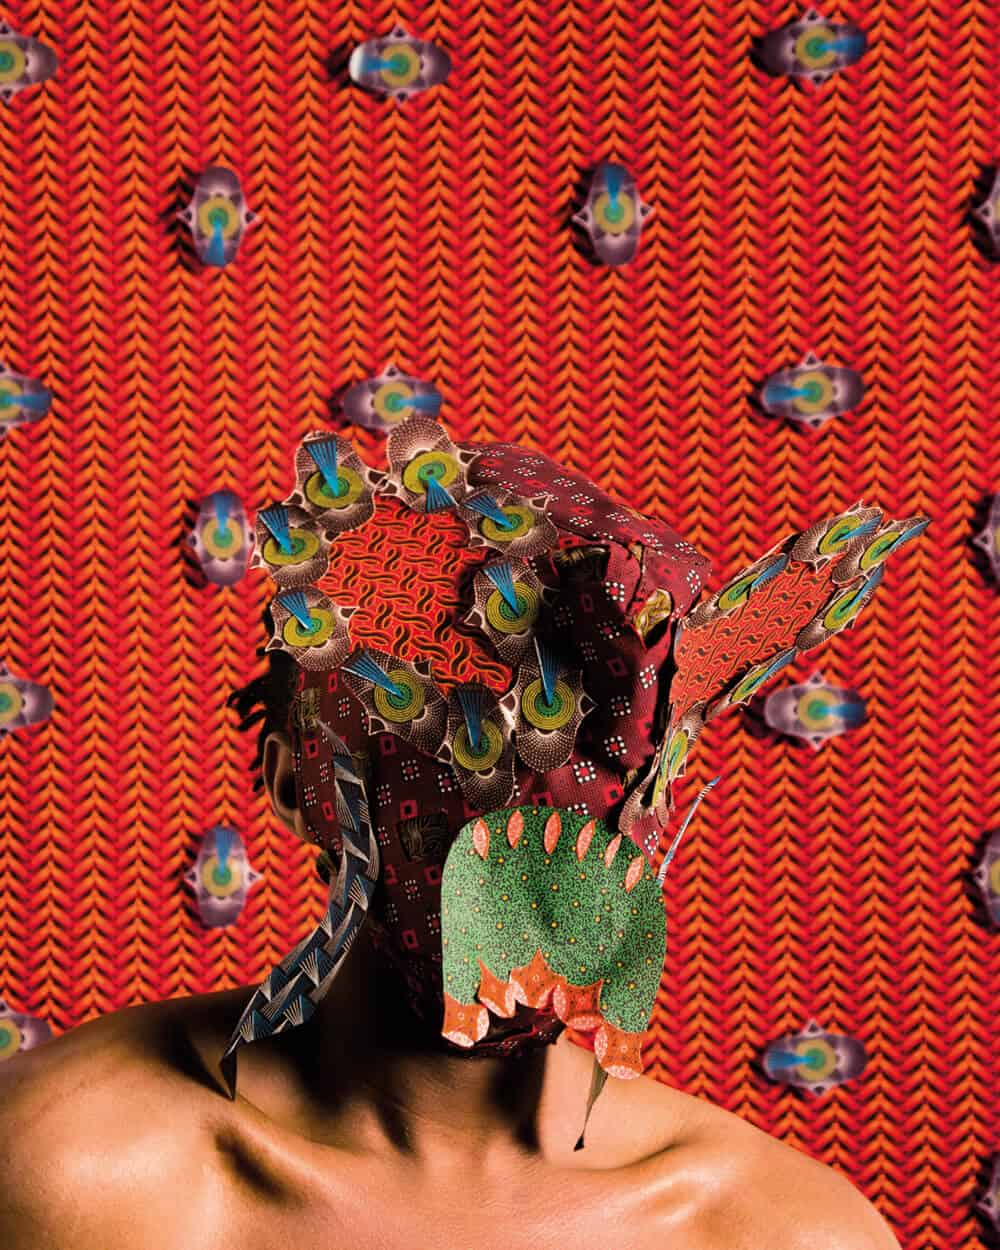 Siwa Mgoboza. Les Etres D'Africadia (Masquer) I. 59.4 x 42 cm. Ed of 5. + 3AP copy